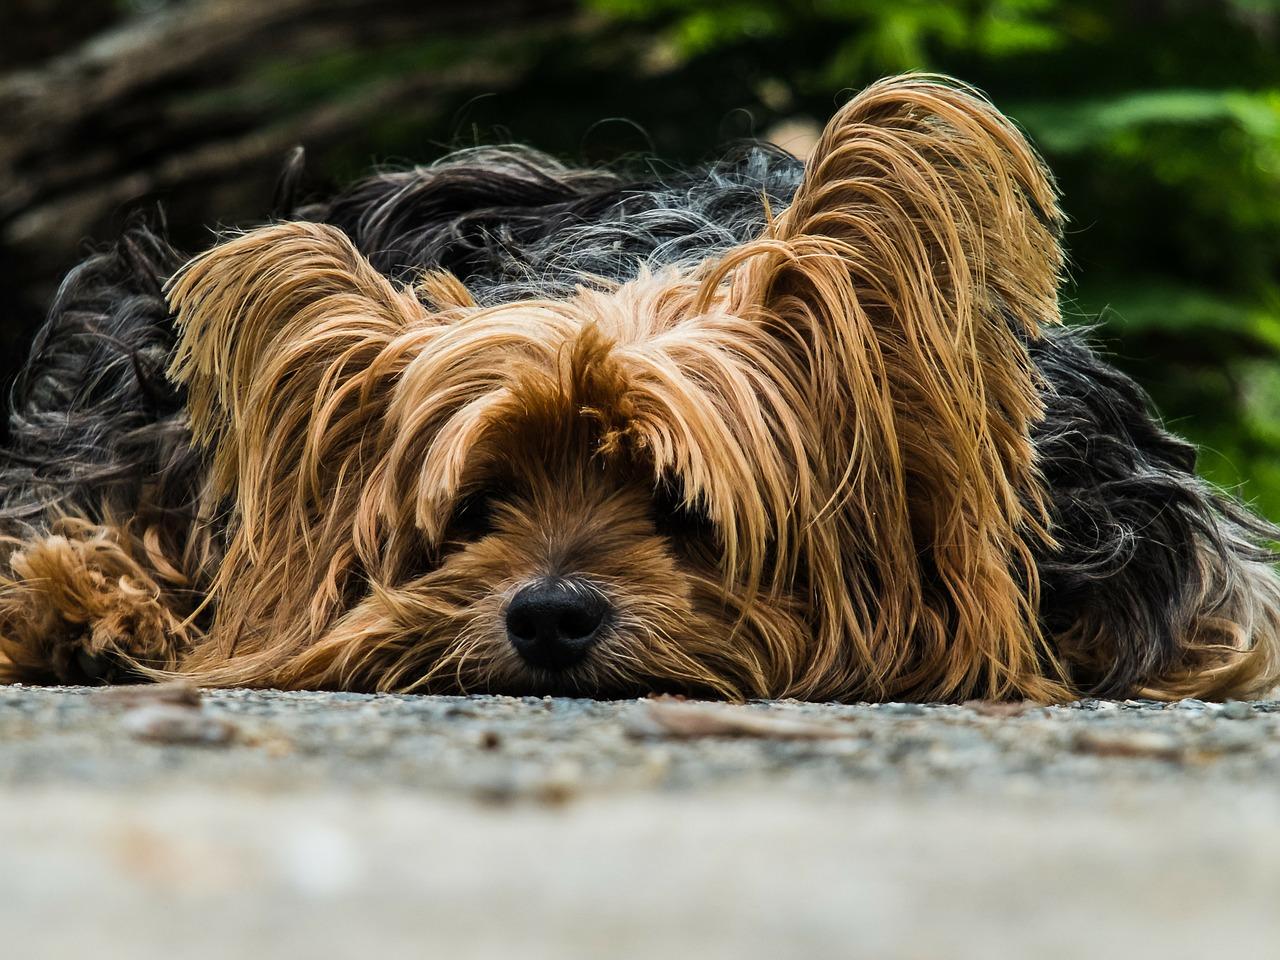 טיפול בקרציות אצל כלבים / גורי כלבים